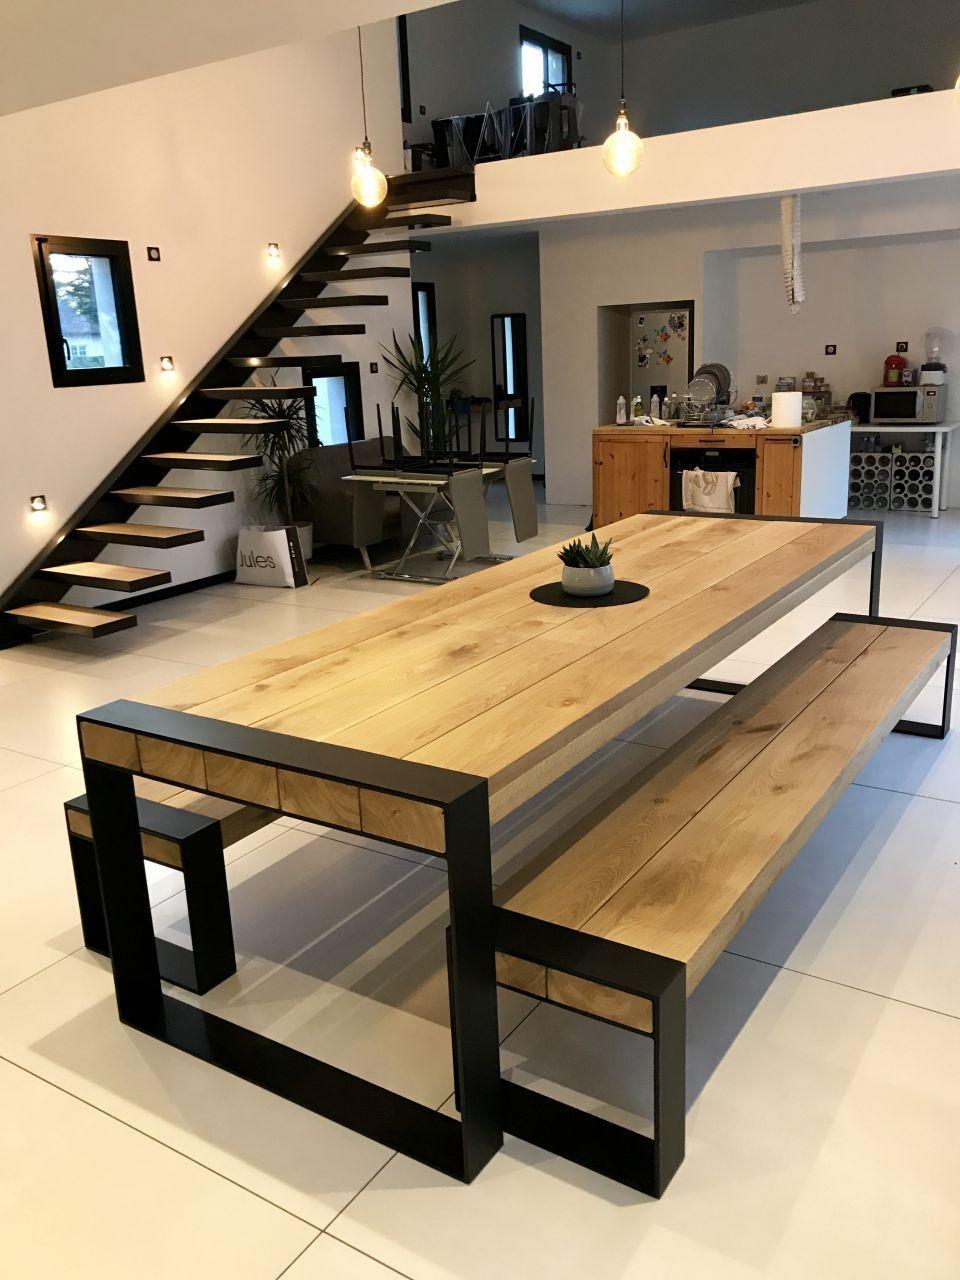 Des Idees Pour Votre Interieur Concept Bois Metal Vous Accompagne Mobilier Maison Amenagement Interieur Maison Deco Maison